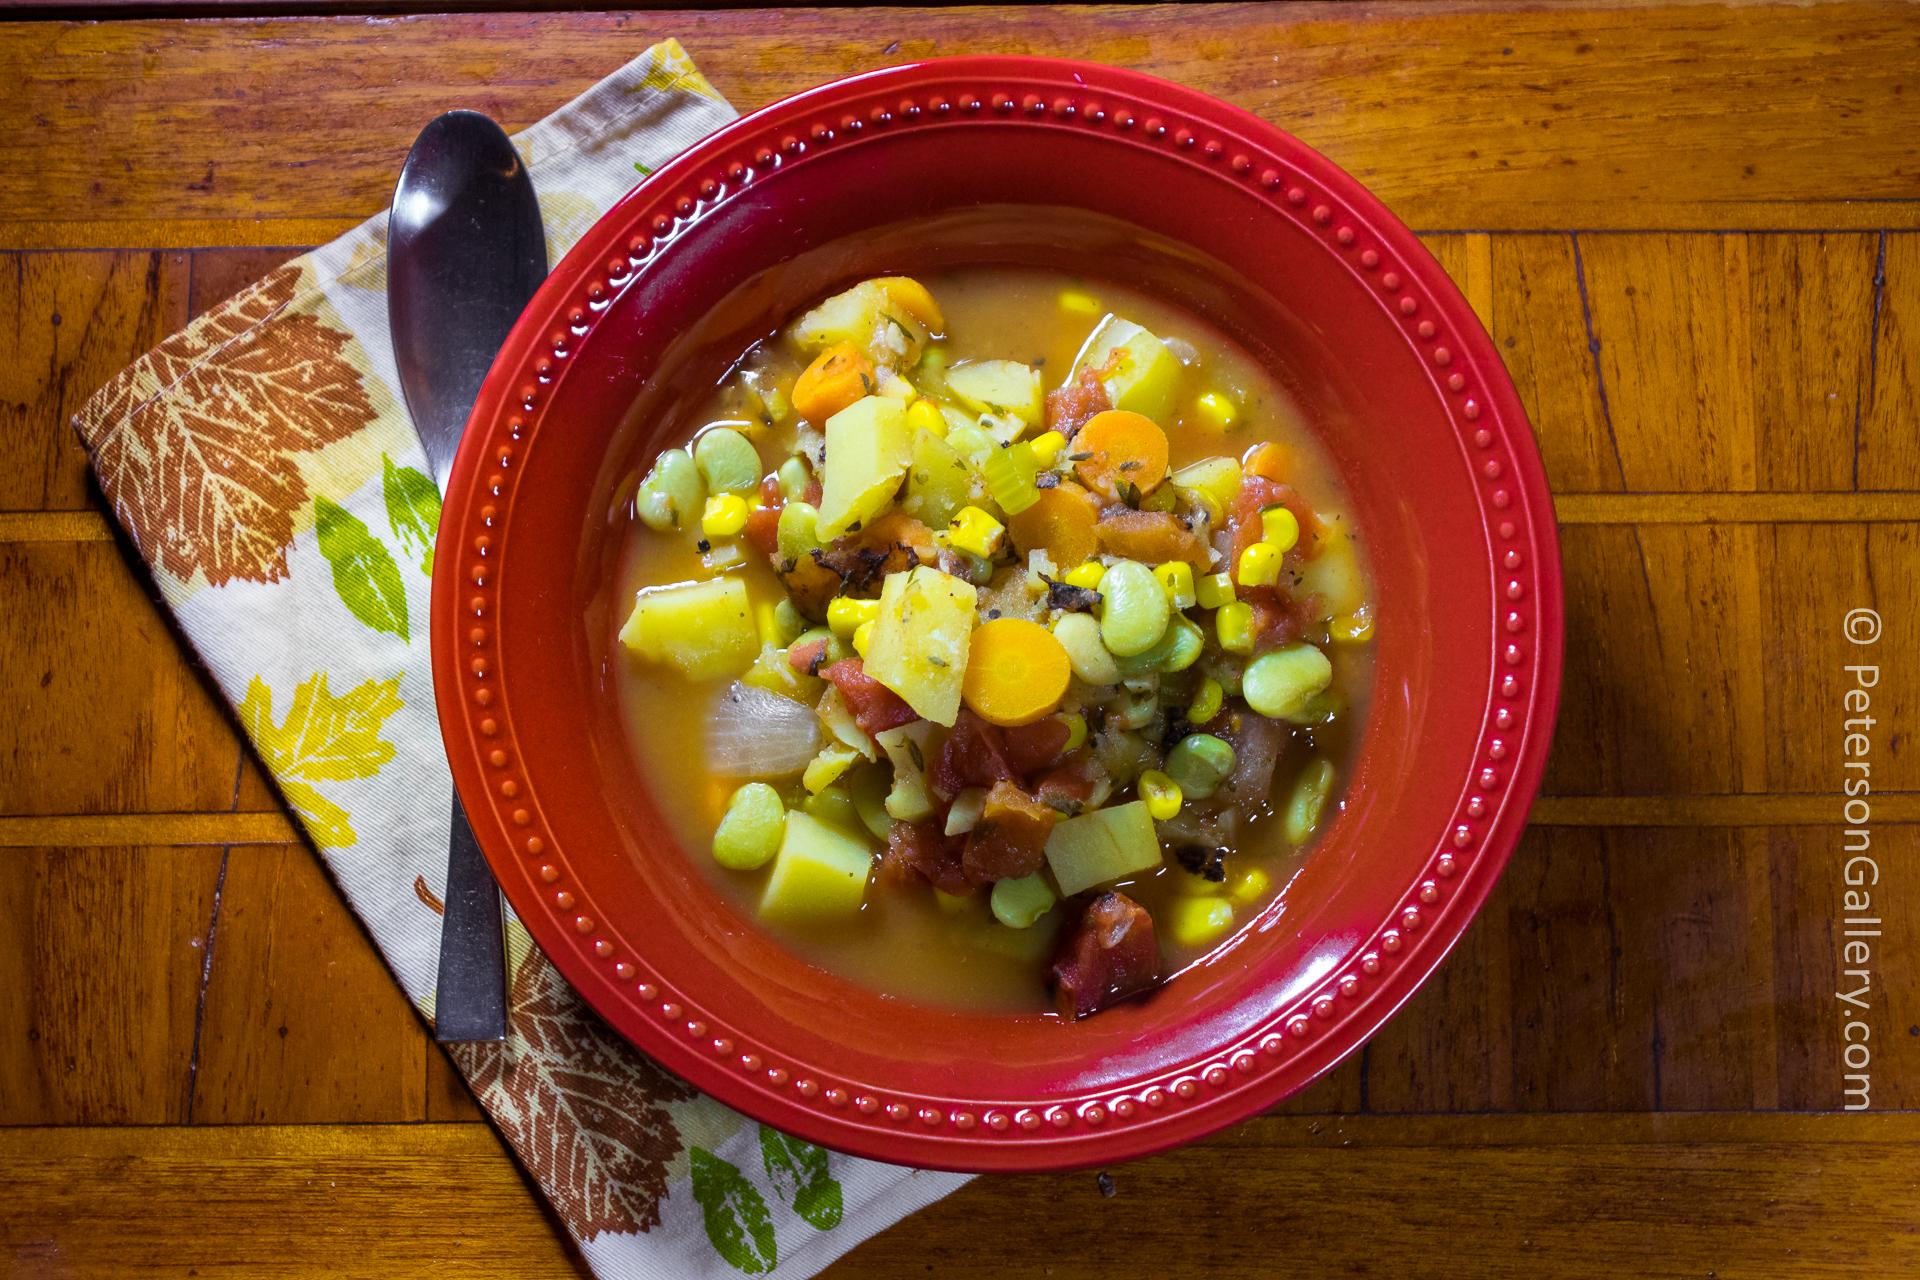 bowl of Julie's Vegetable Soup